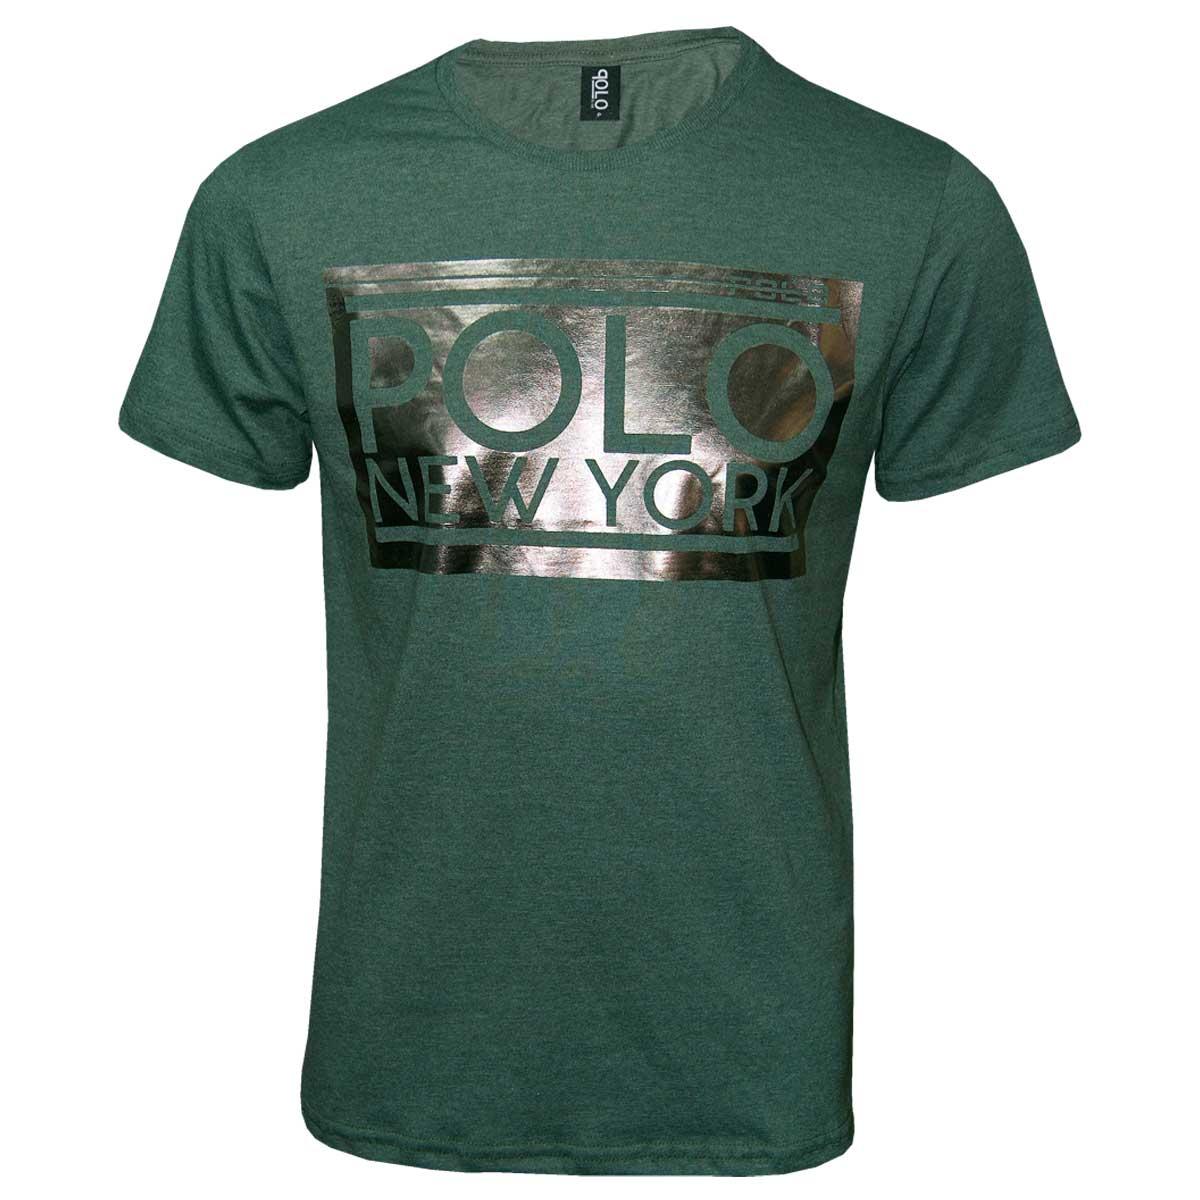 Camiseta Masculina com Estampa em Foil Vortex  Polo Rg518